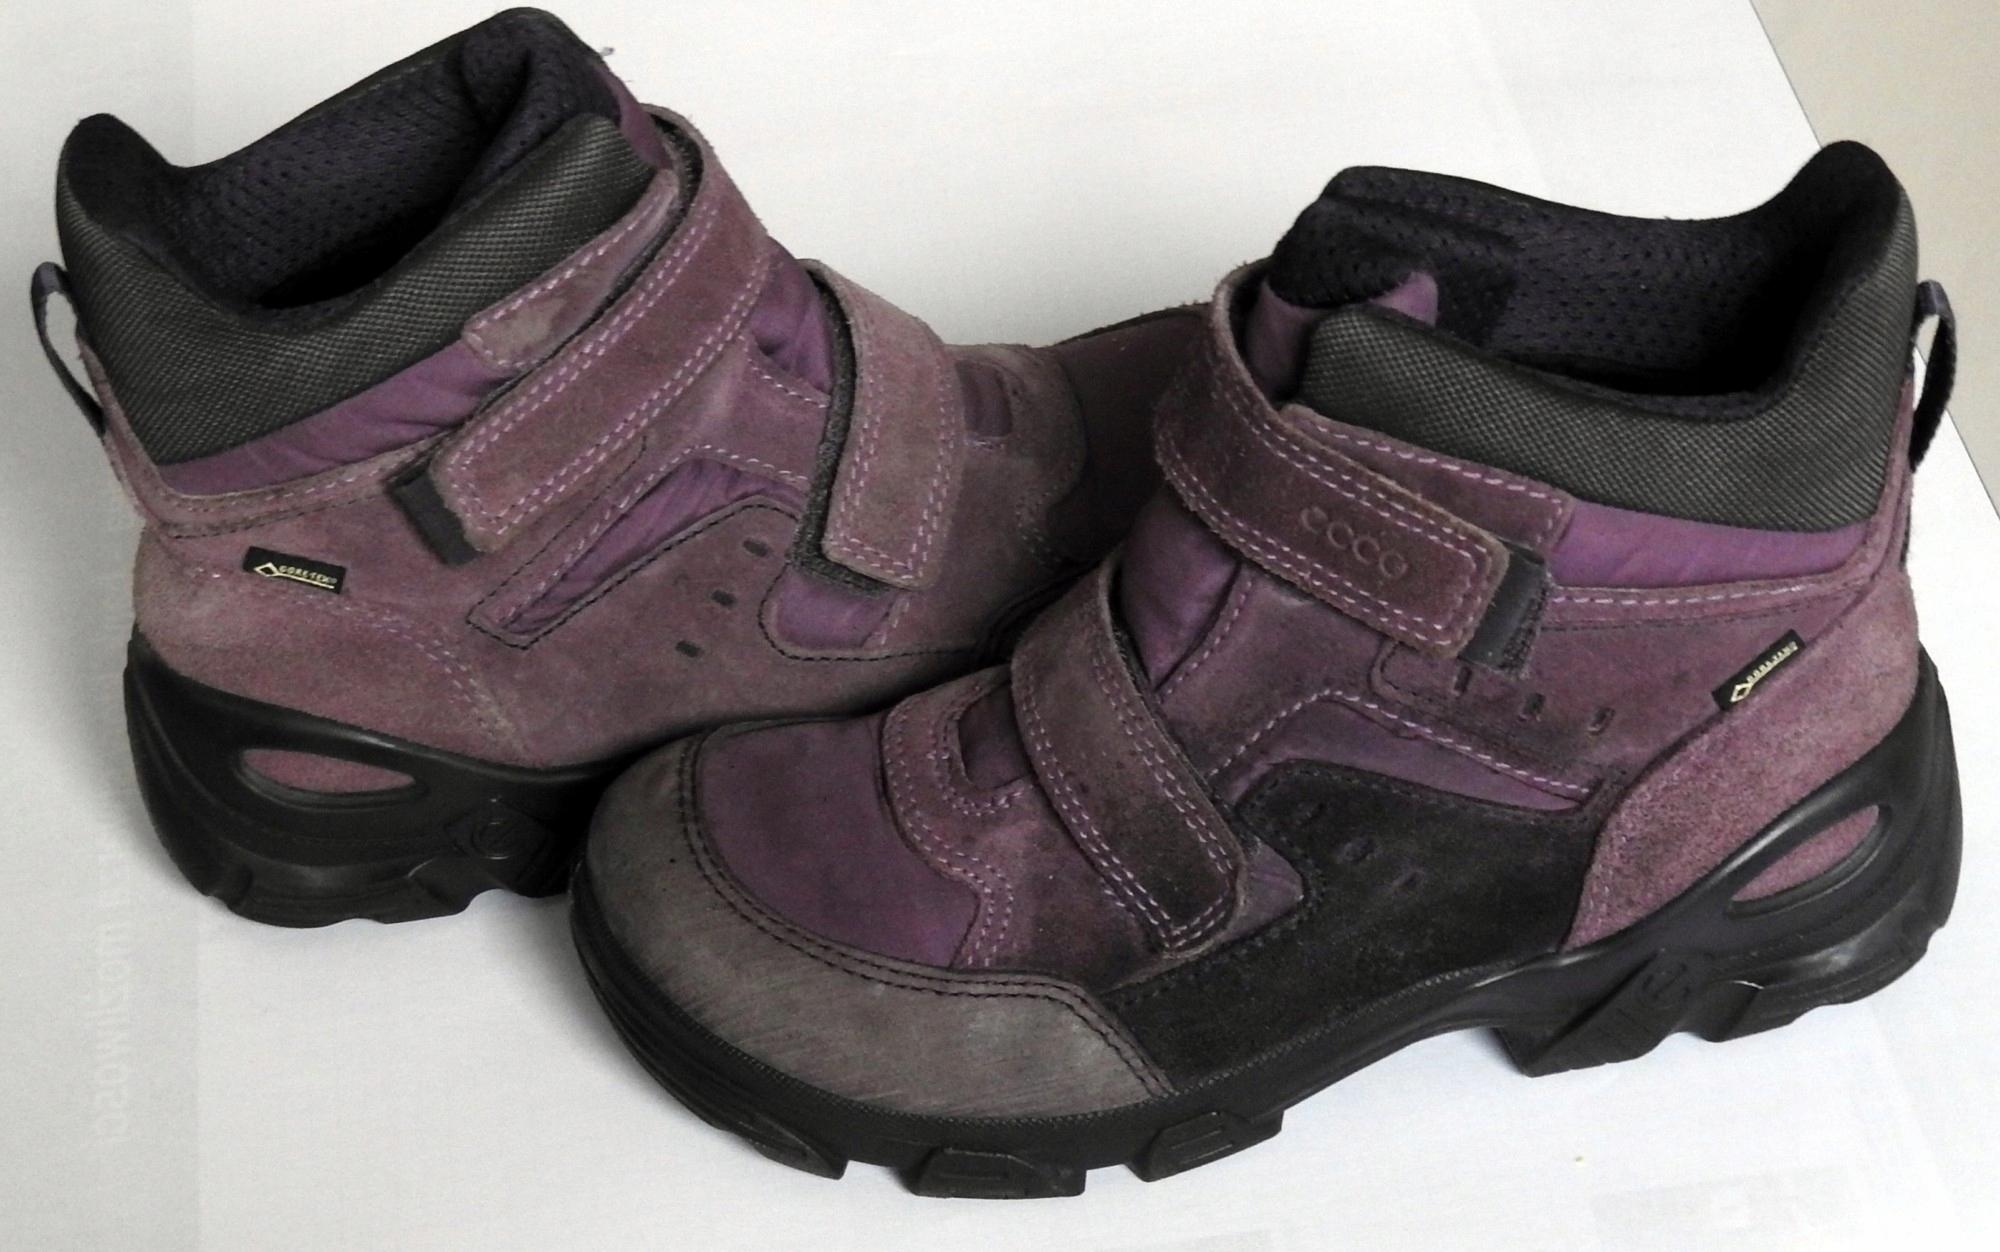 2cedf291 ECCO buty zimowe/kozaki dla dziewczynki, r. 35 - 7704904210 ...